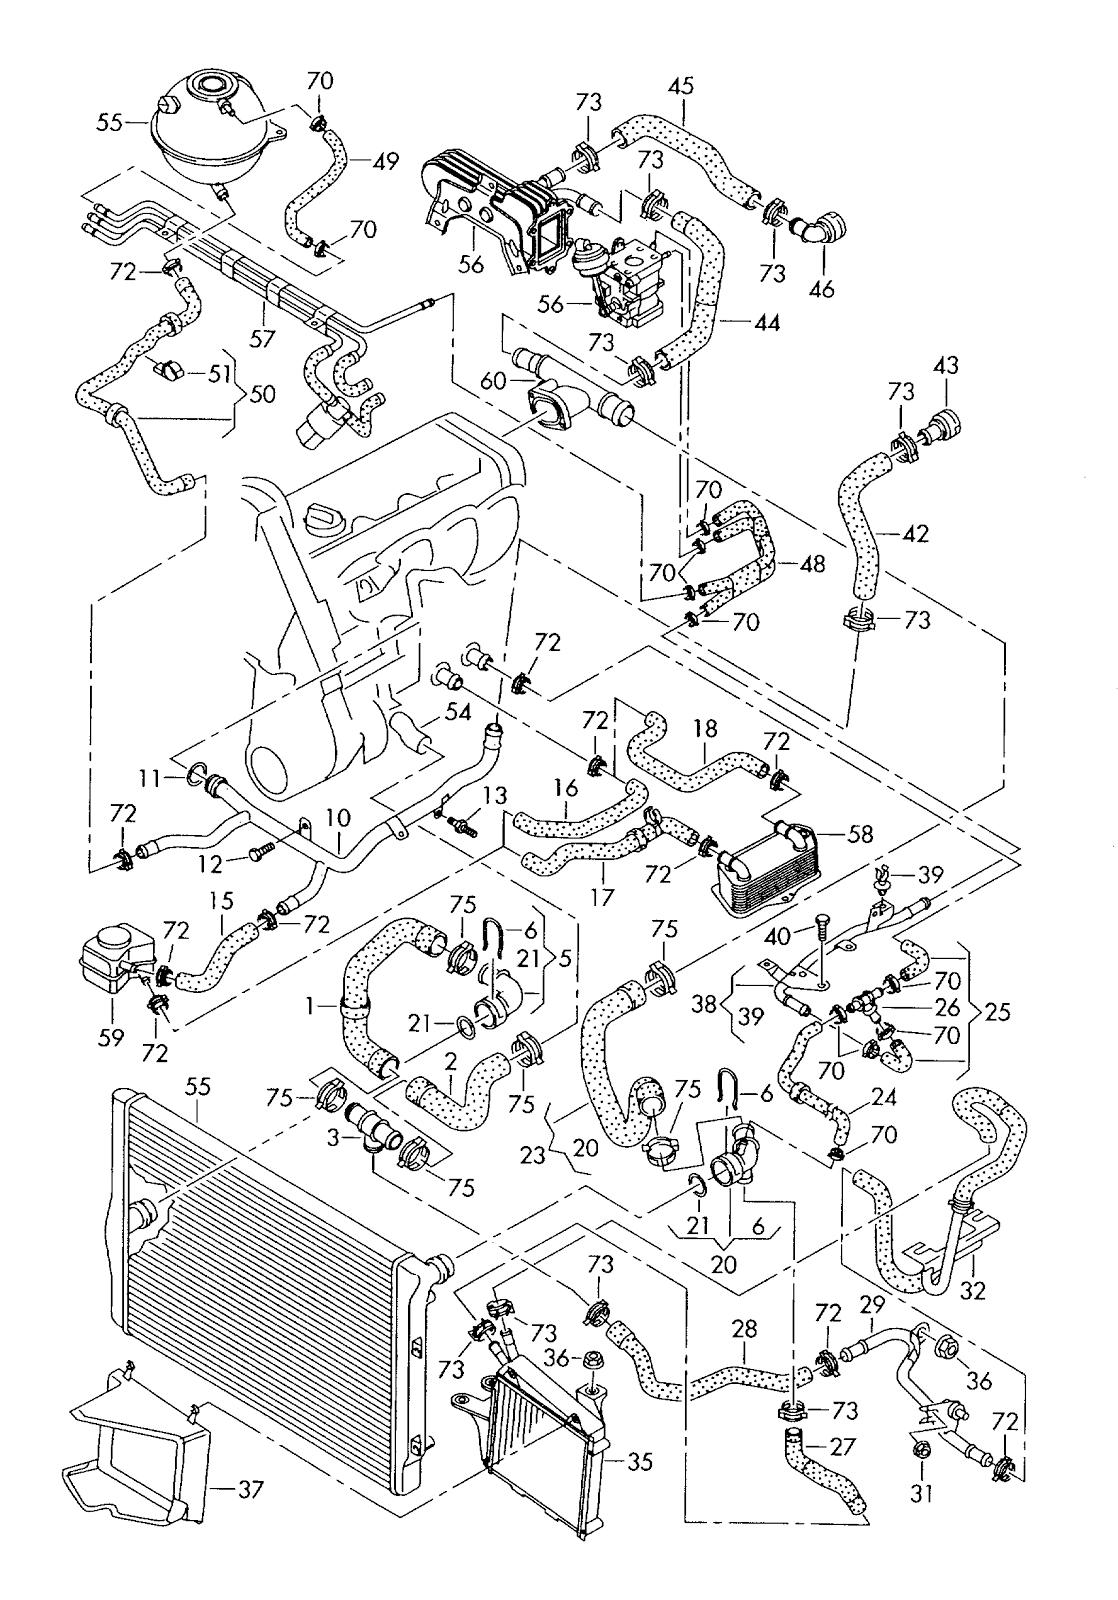 VW Golf 5: 2.0 ltr.diesel eng coolant cooling system